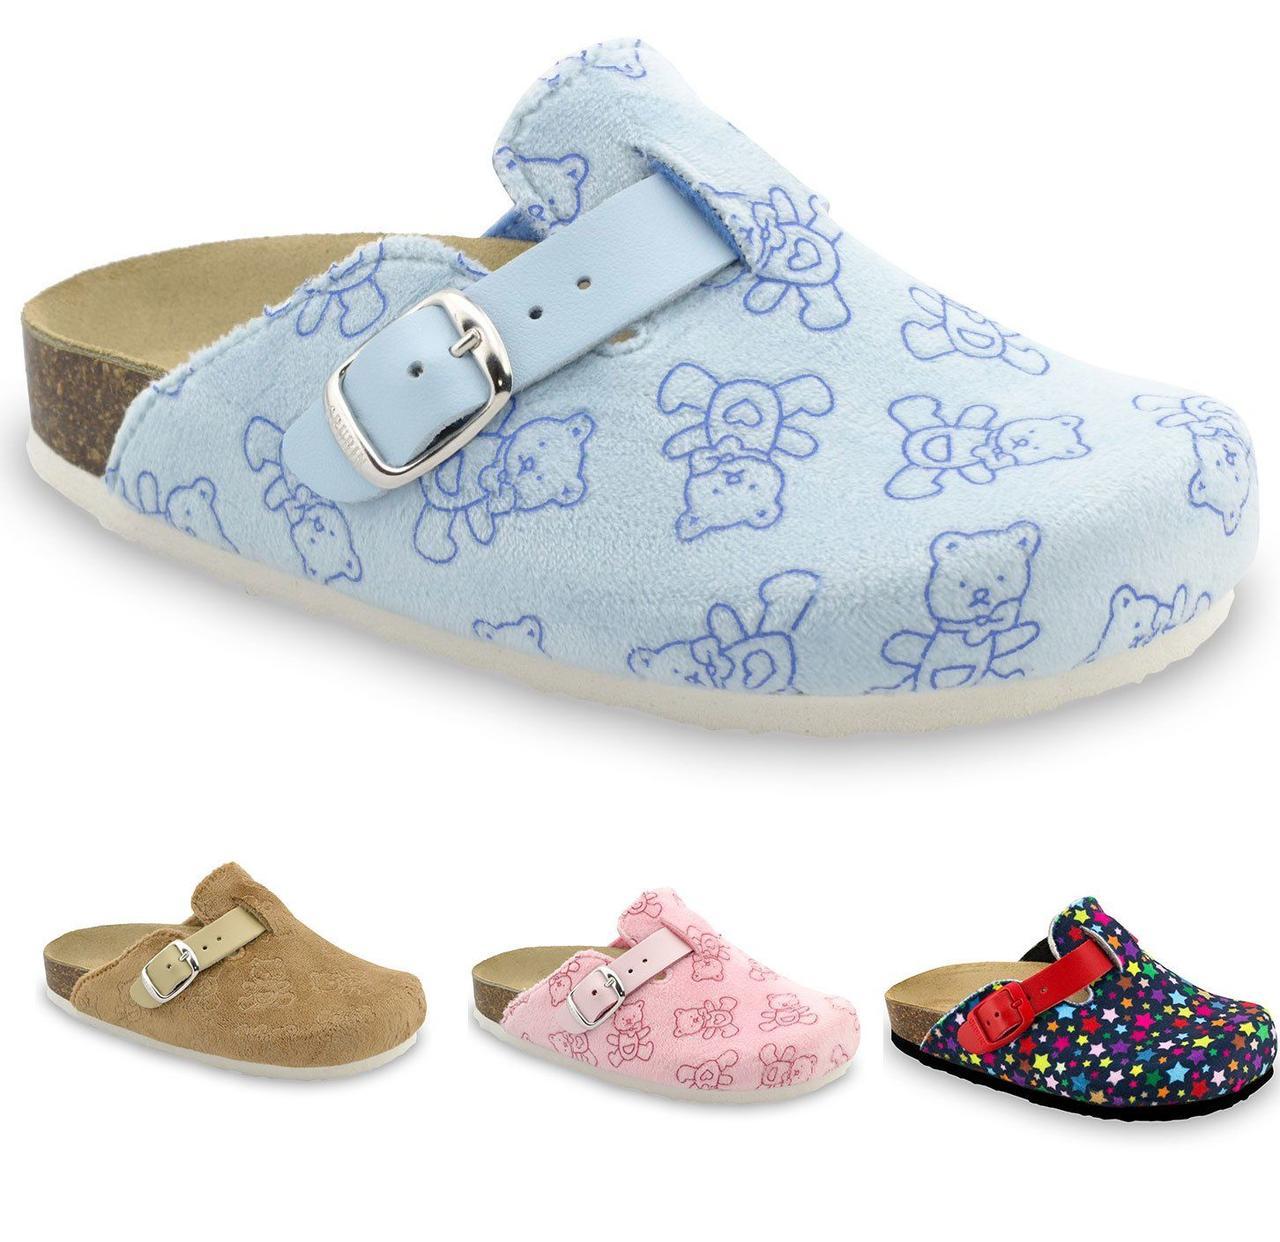 Сабо ортопедические домашние детские Rim, цвет - голубой, размер - 27